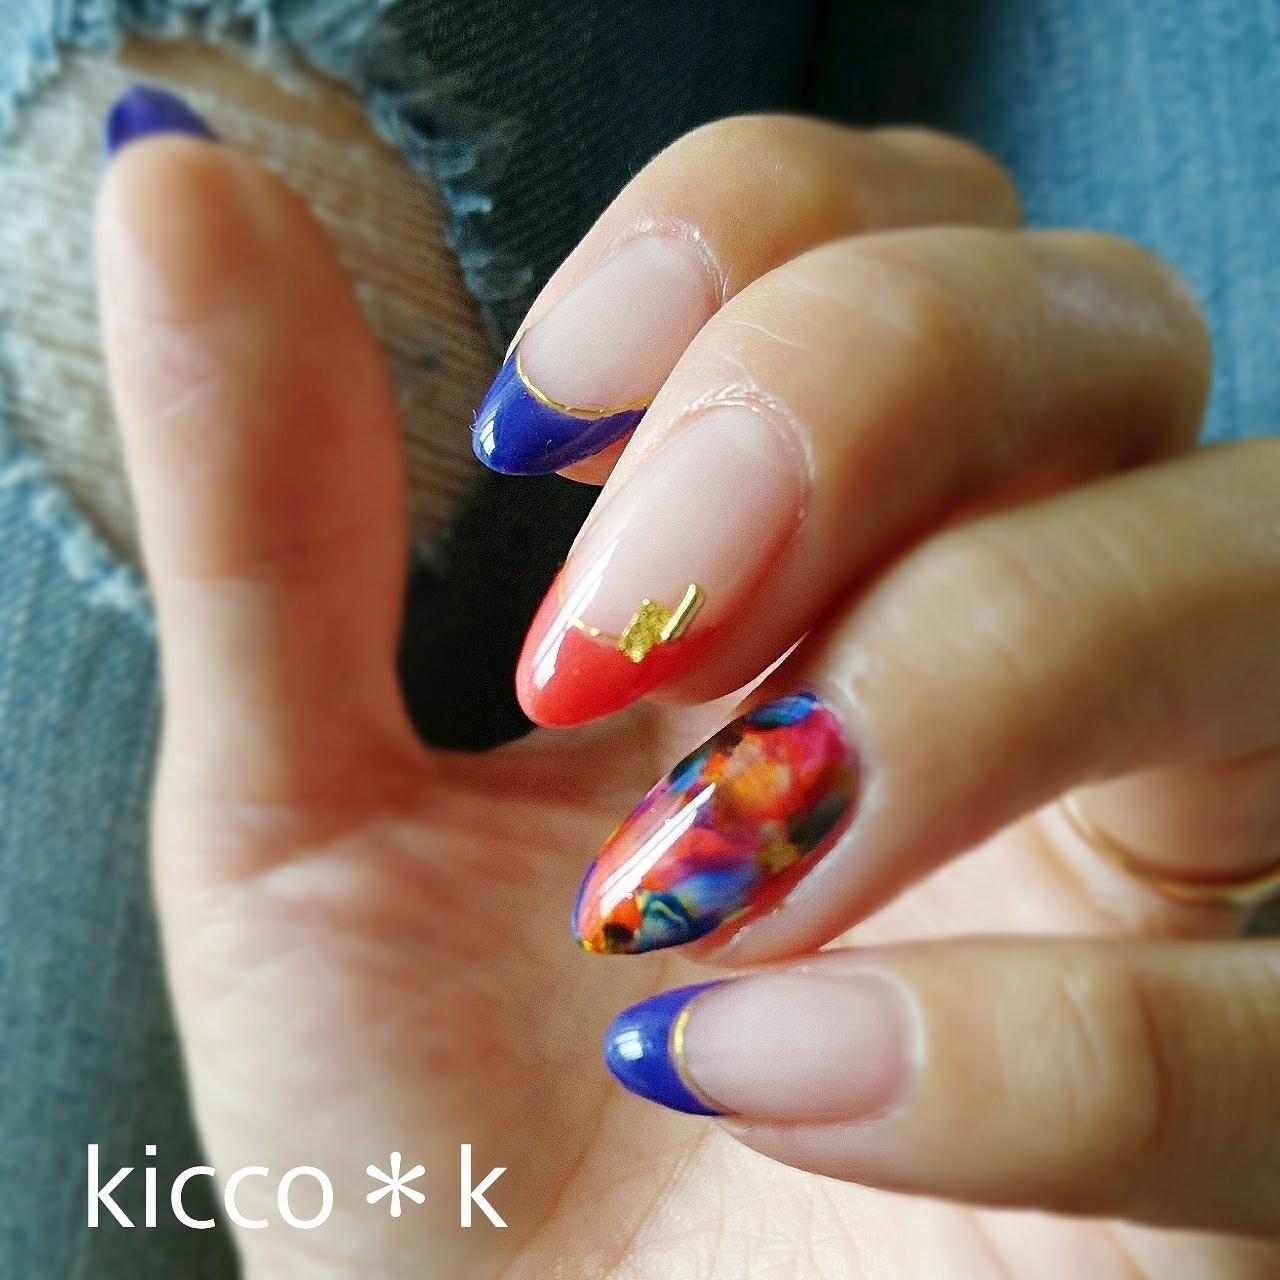 ブルー×レッド  #フラワーネイル #ニュアンスアート #フレンチネイル  #nail #naildesign #nailstagram #gelnail #ネイル #ネイルデザイン #大人ネイル #自宅サロン #kicco_k